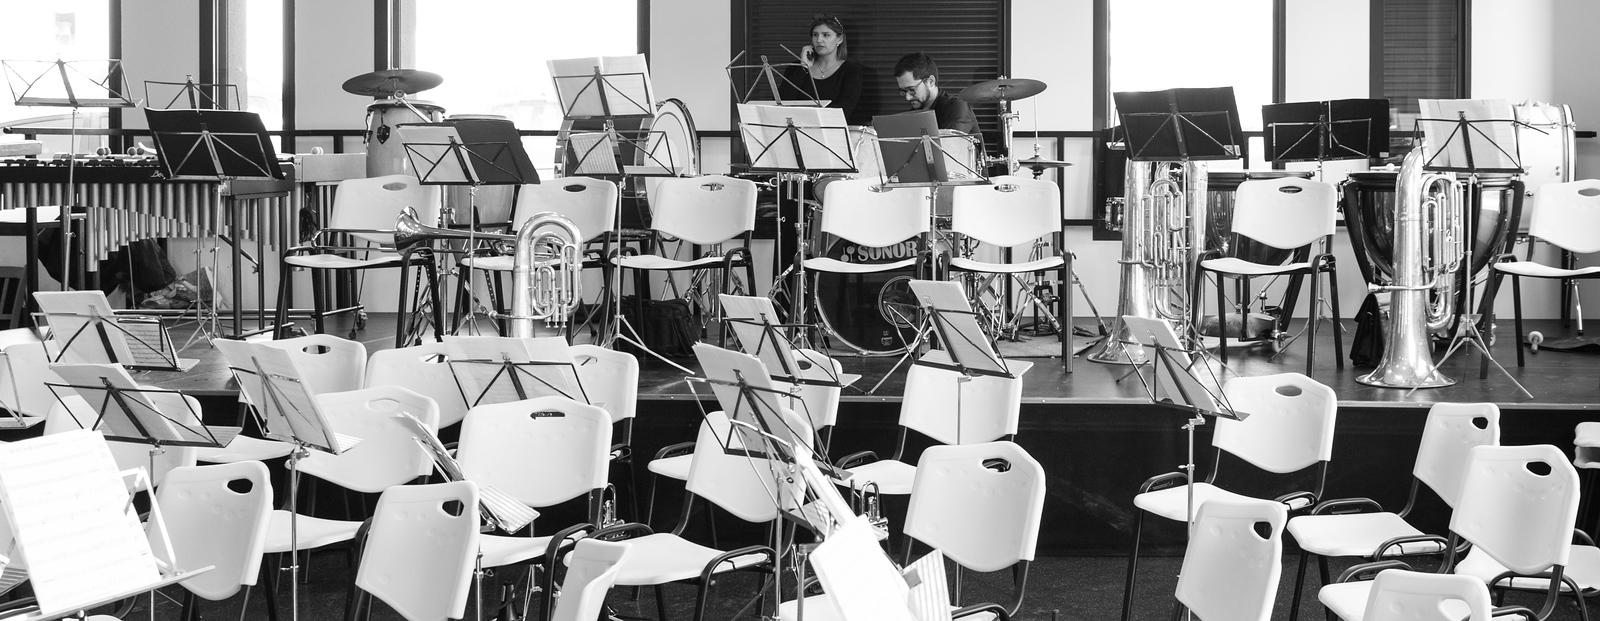 Concert St-Genis janv17